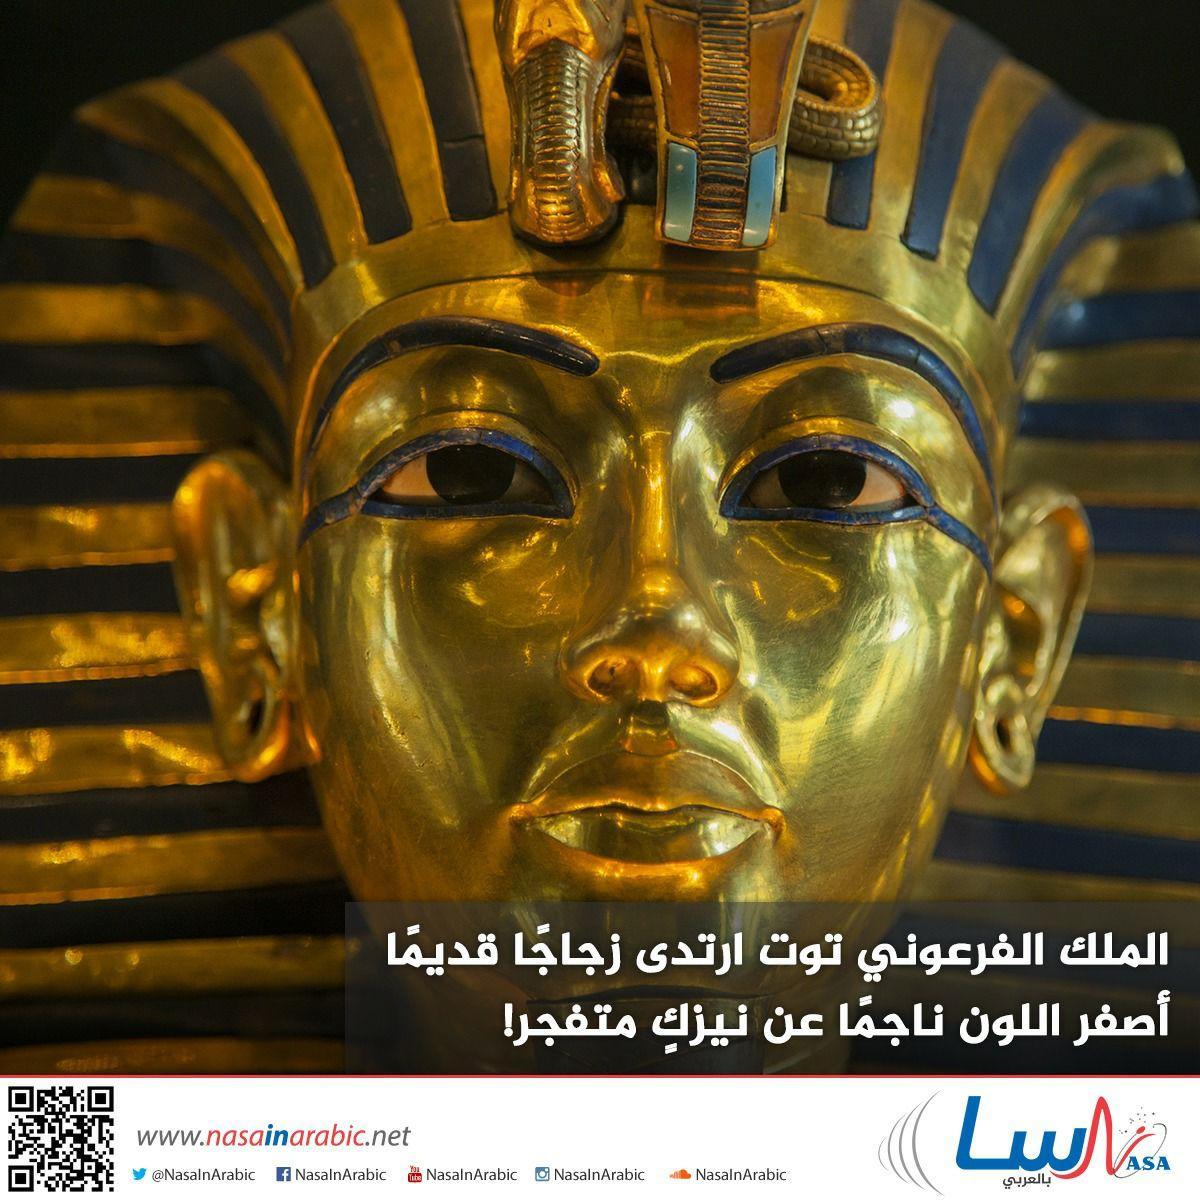 الملك الفرعوني توت ارتدى زجاجًا قديمًا أصفر اللون ناجمًا عن نيزكٍ متفجر!